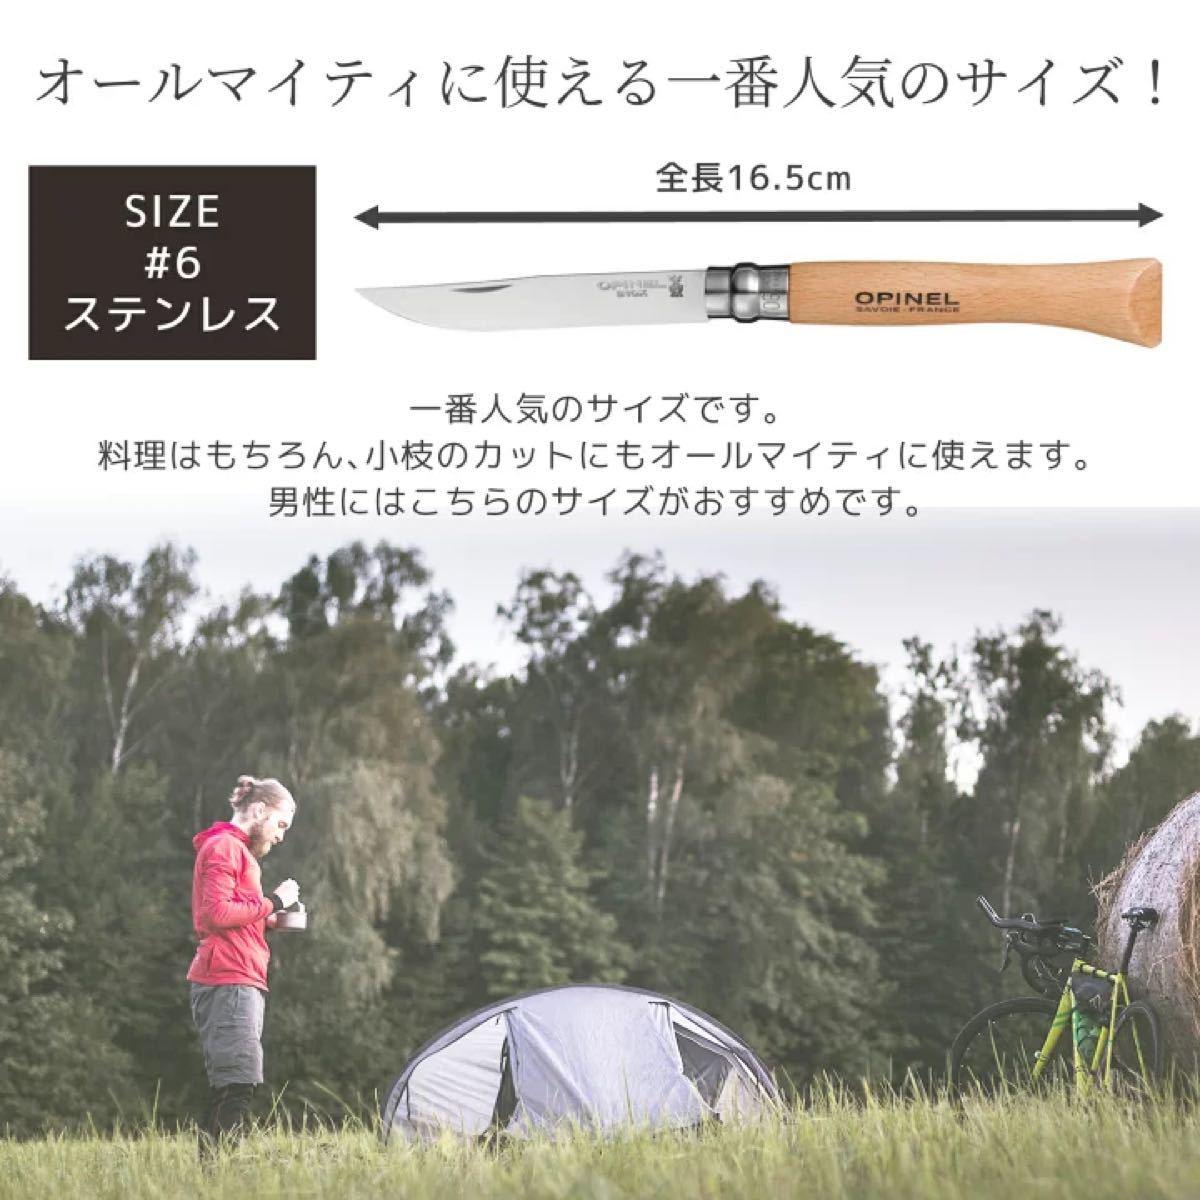 オピネルナイフ #6 7.5cm  新品 ソロキャンプに オススメ OPINEL